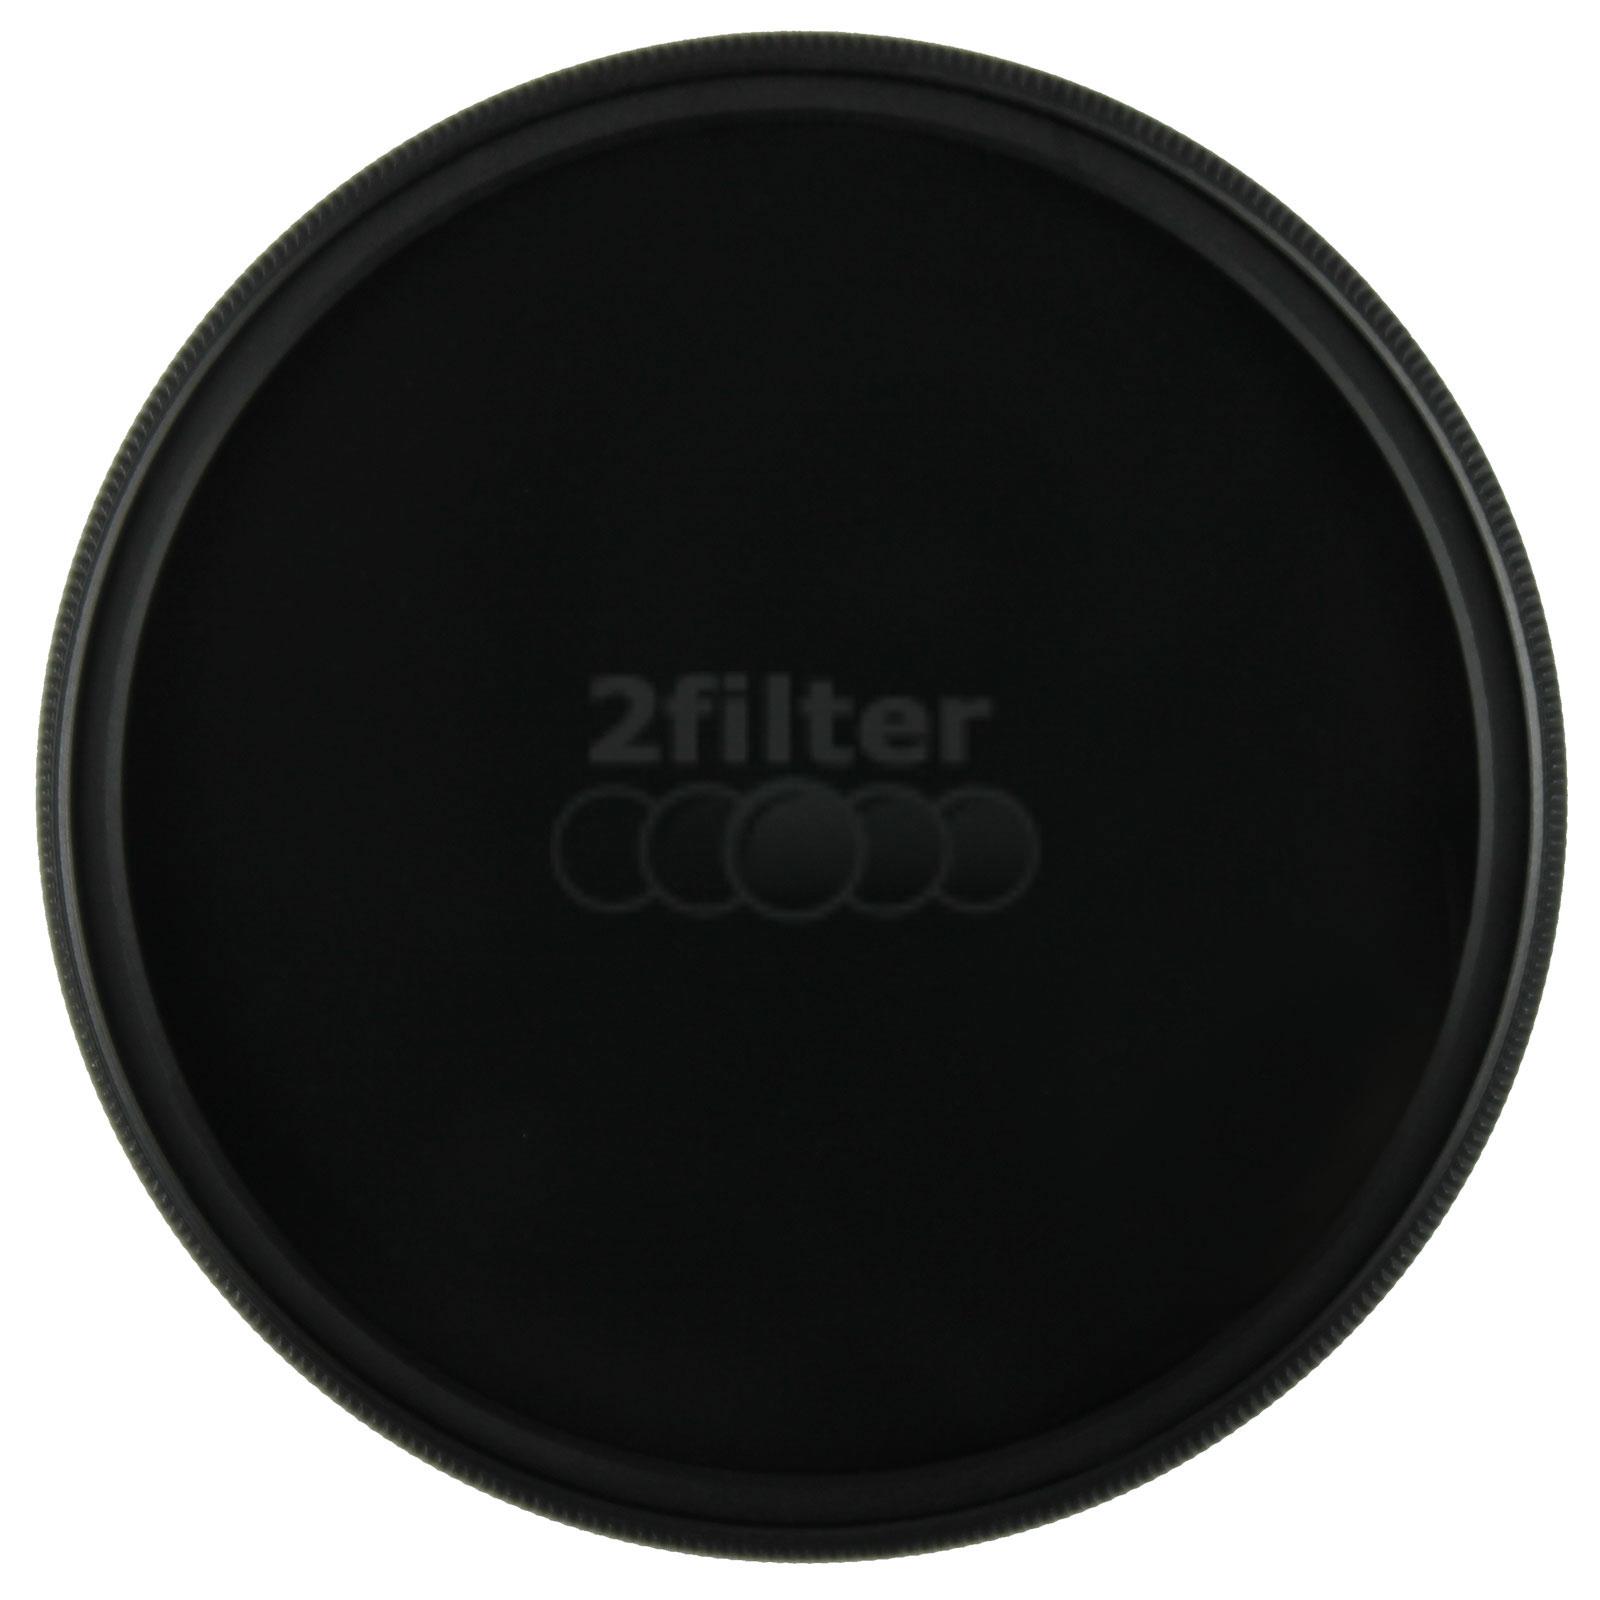 Standard-ND-0.9-Filter-Top-Down